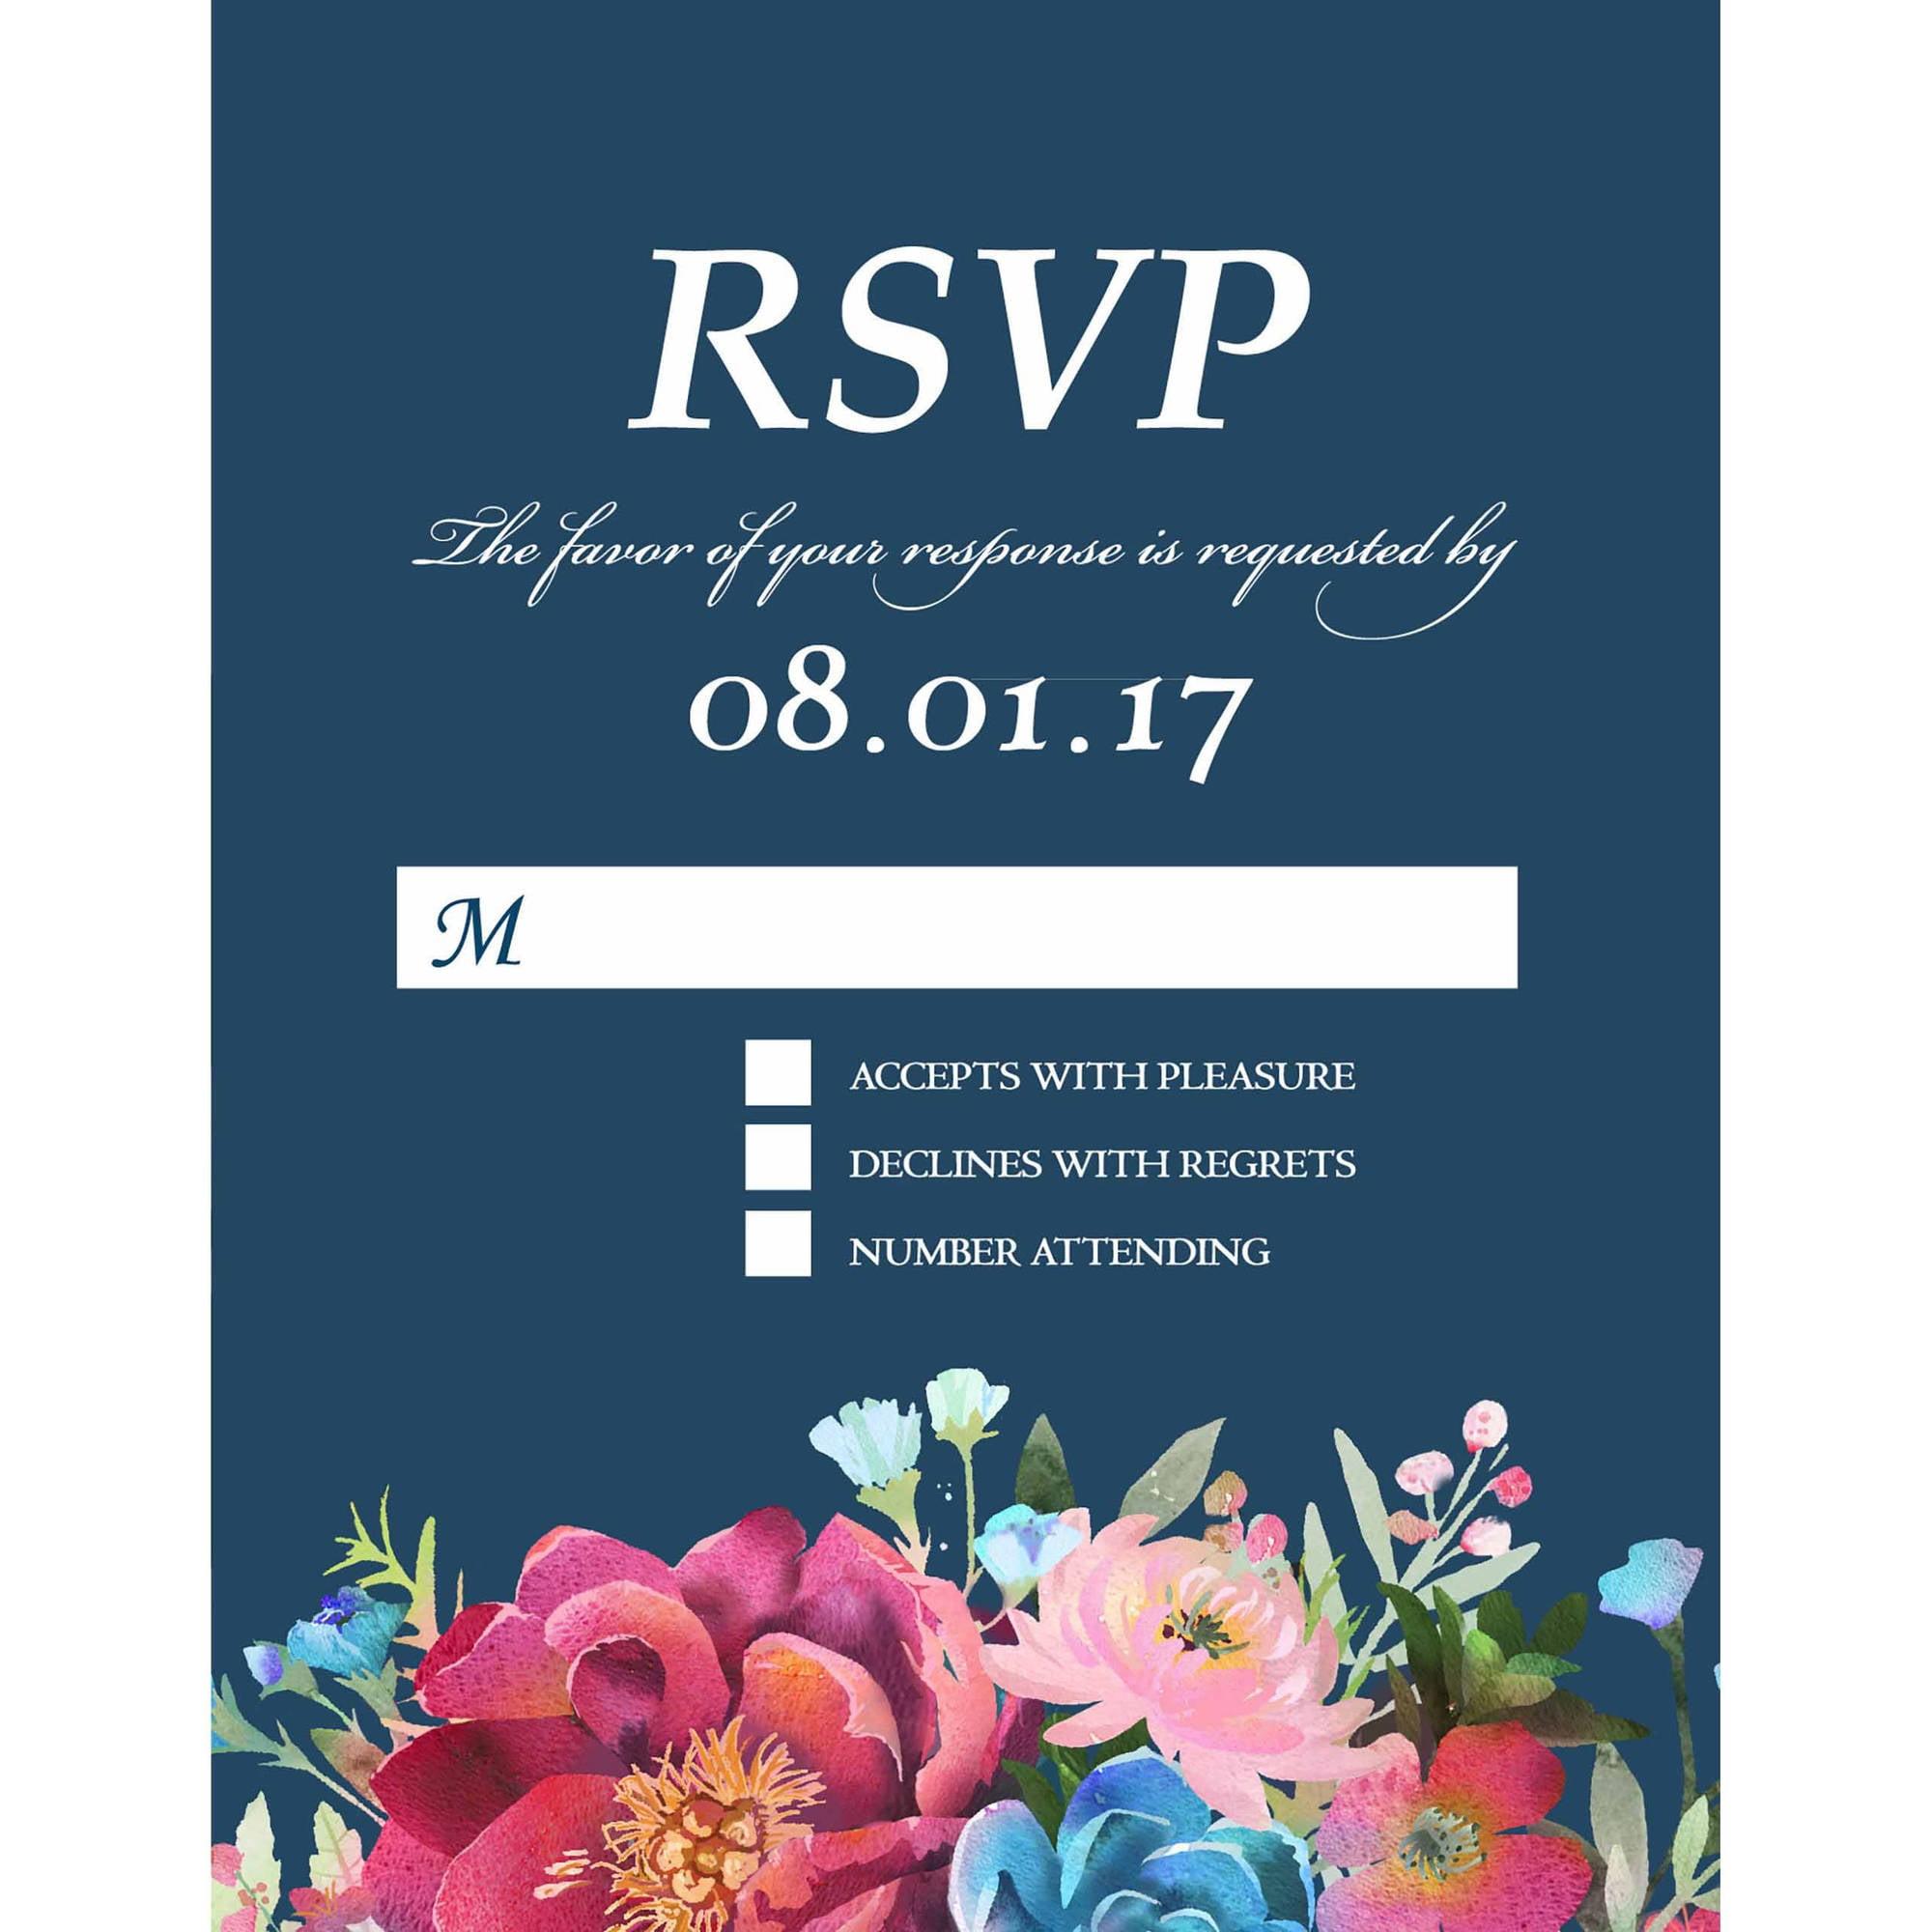 Woodland Floral Standard RSVP